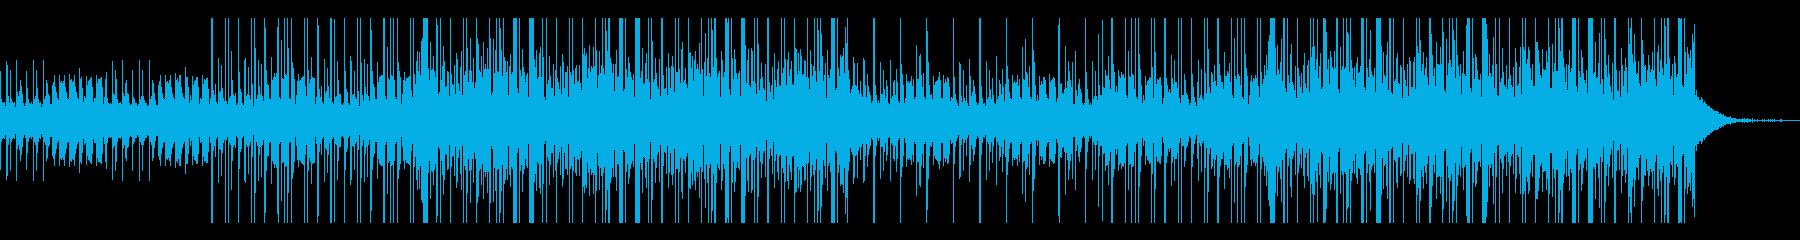 実験的な ゆっくり 魅惑 不思議 ...の再生済みの波形